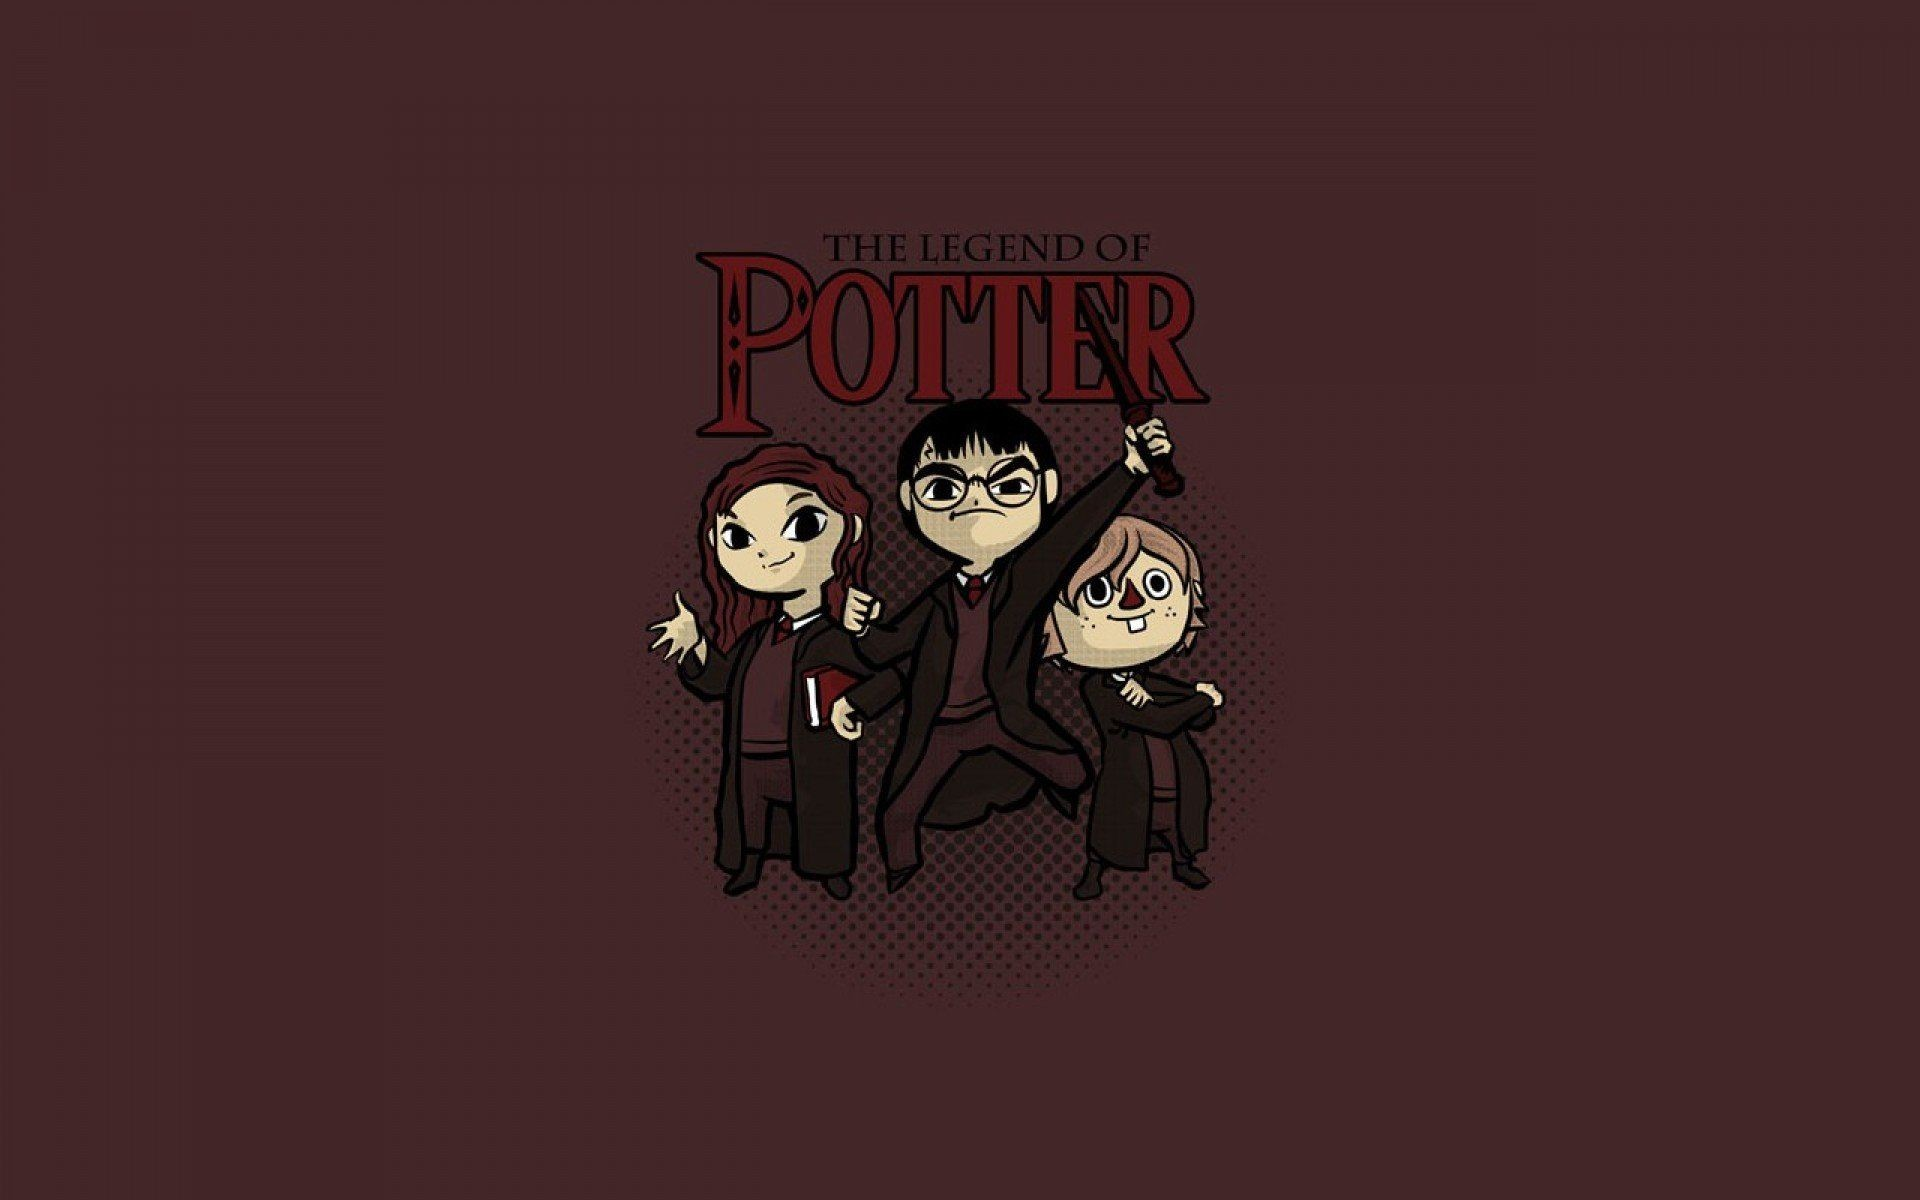 Hogwarts wallpaper hd - Harry potter images download ...